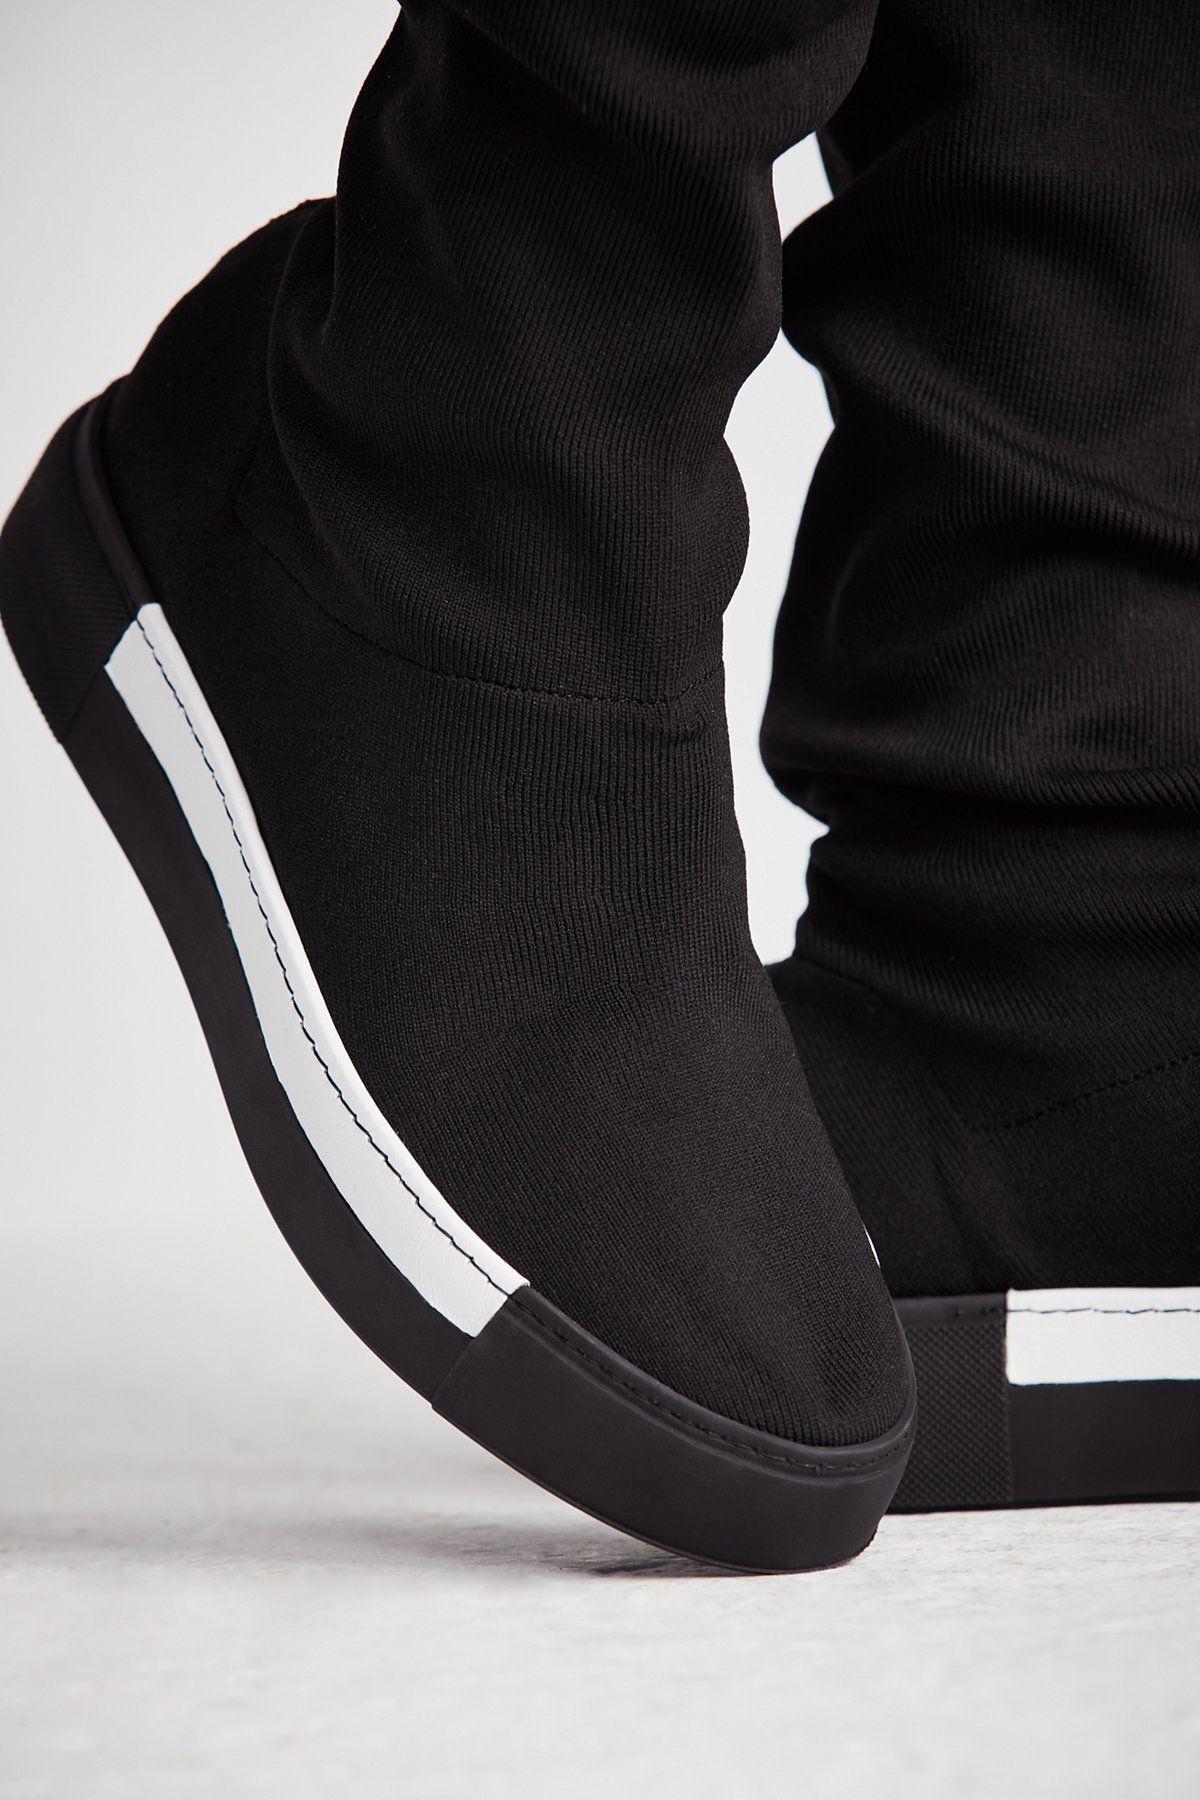 Chaussures - Tribunaux De Plate-forme Alberto Venturini X1MH6rqUNj